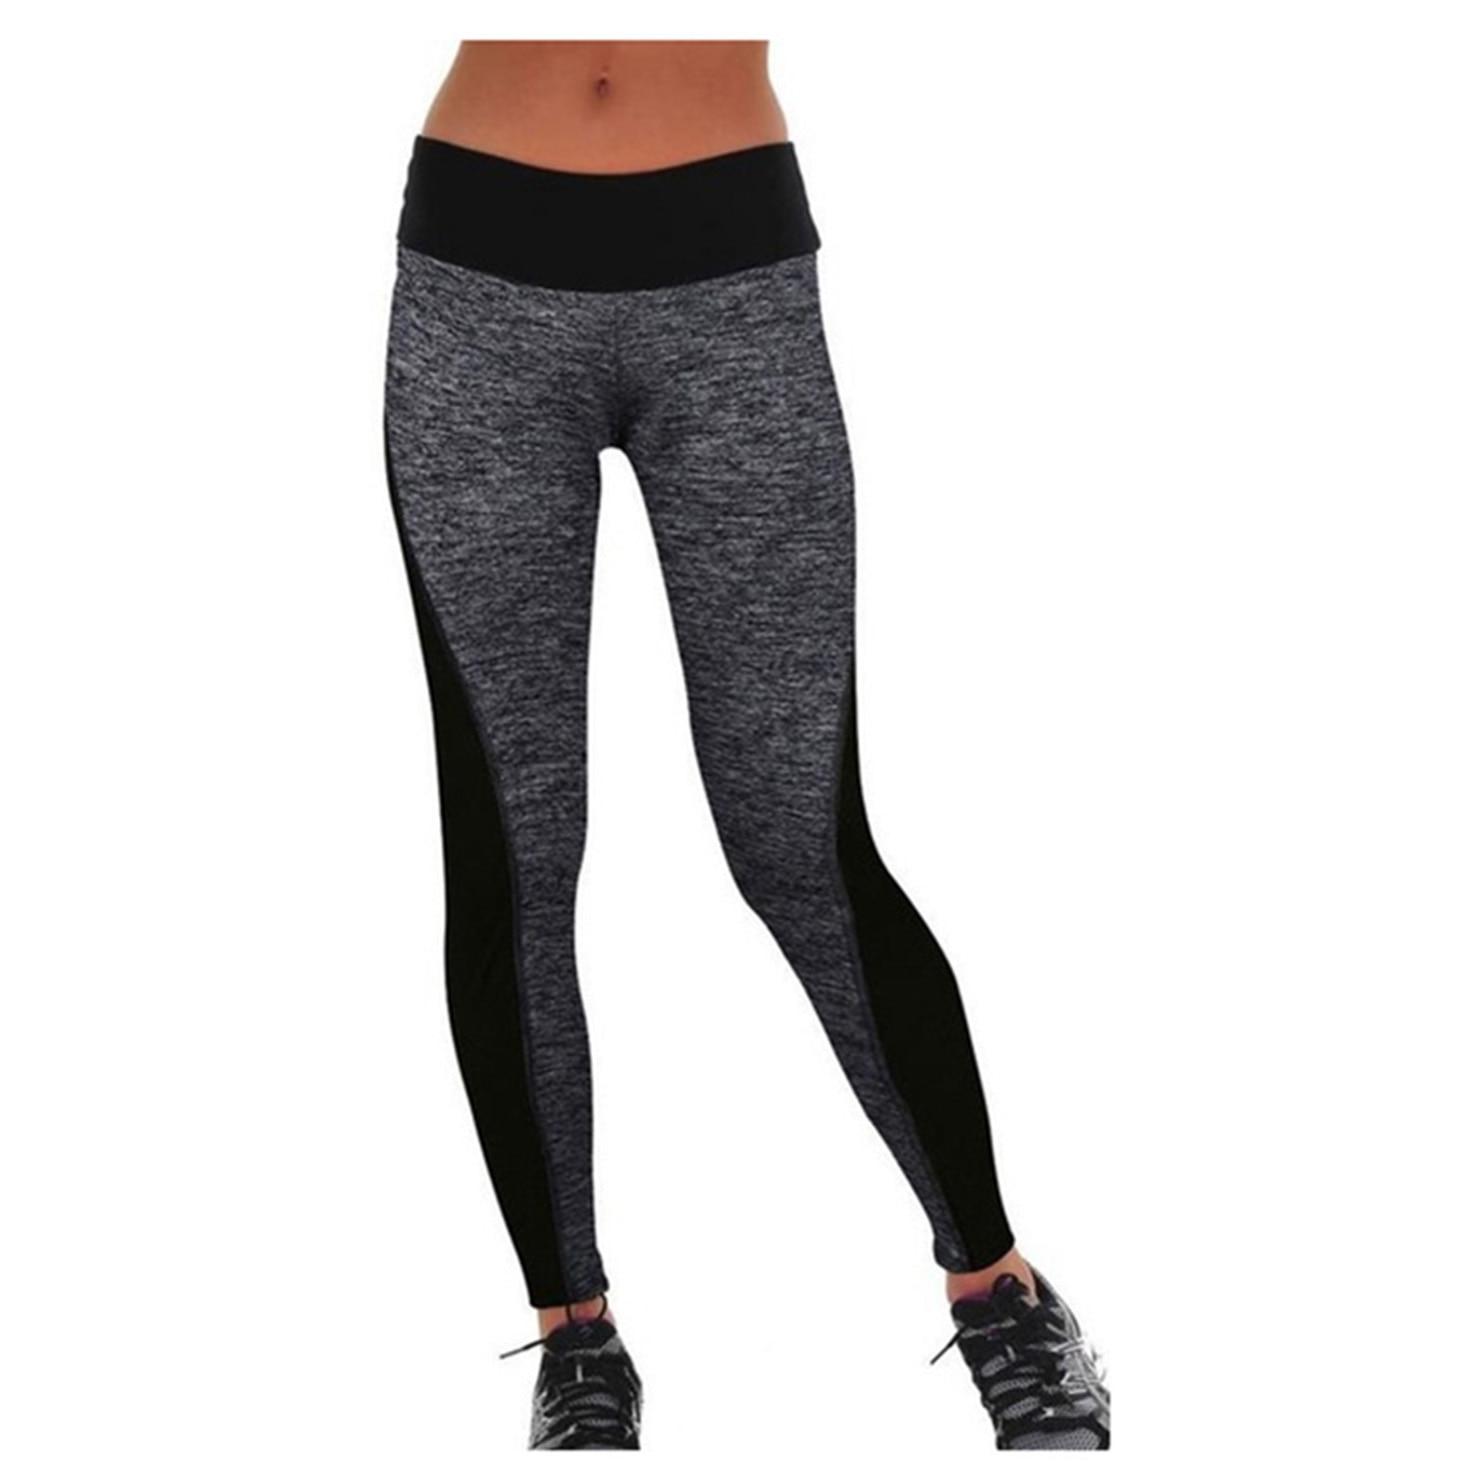 Date Femmes Gris Et Noir Lambrissée Doux Plus Minceur Pantalon Leggings  Pour la Course Yoga Sport 00b7cf18ce25